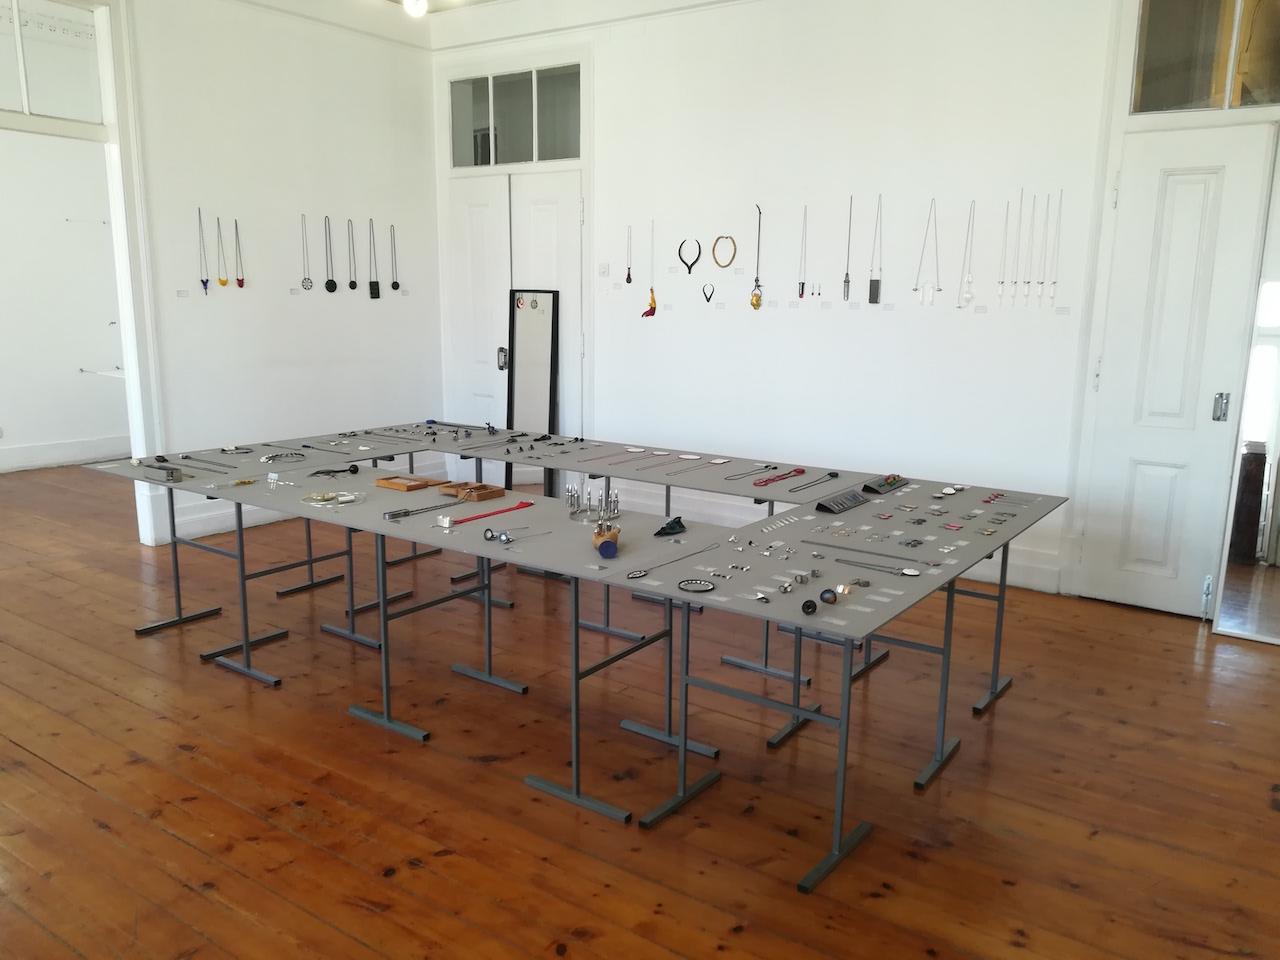 Teresa Milheiro, Retrospective, Espaço Sá da Costa, Lissabon, 2019, tentoonstelling